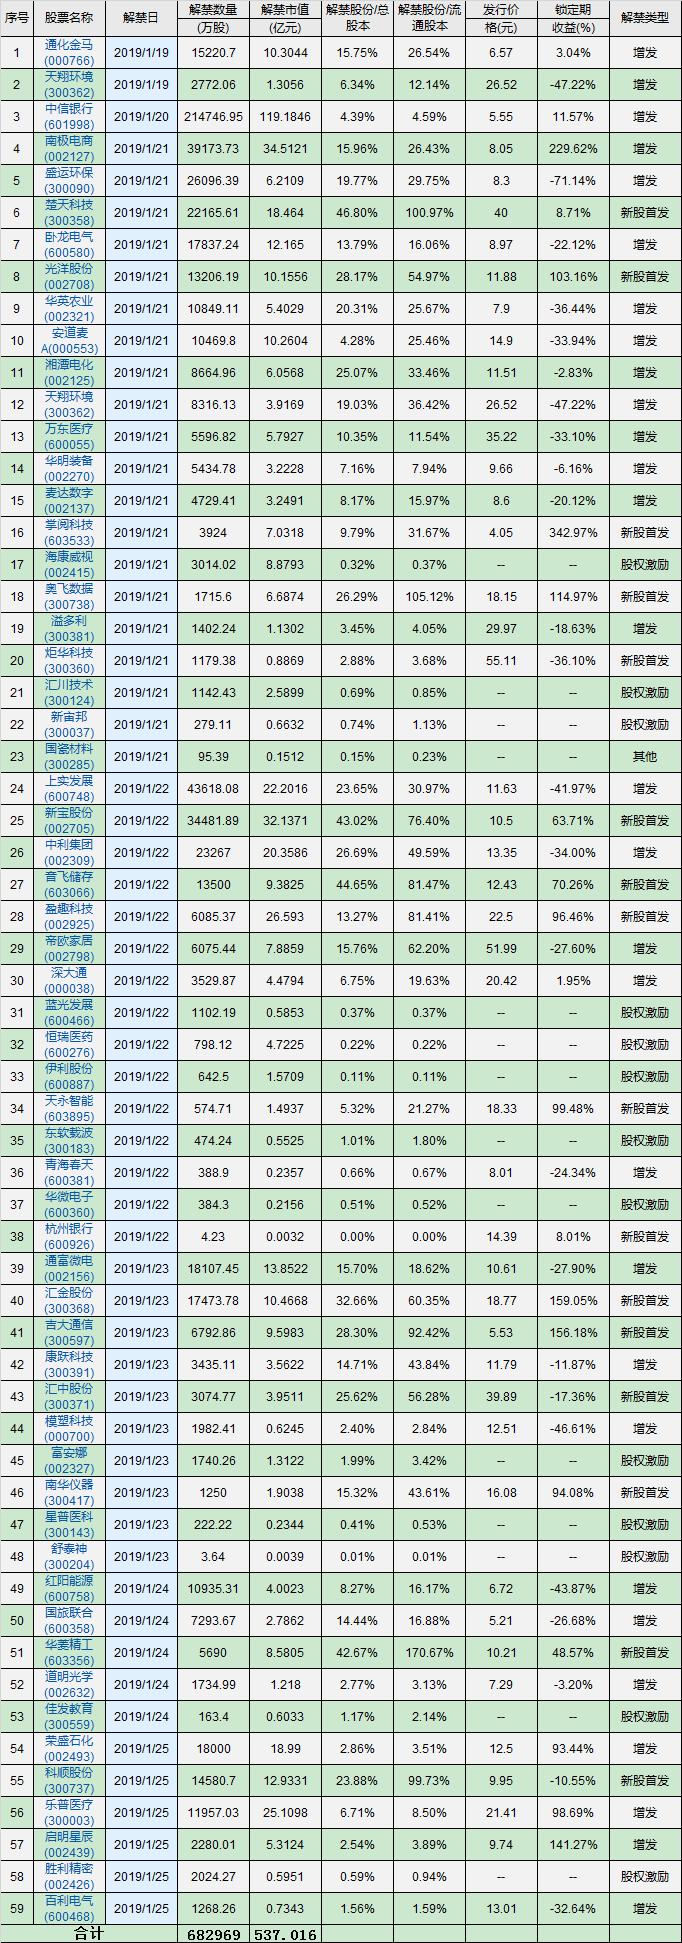 下周解禁:17股首发股解禁 楚天科技股东减持有接盘方